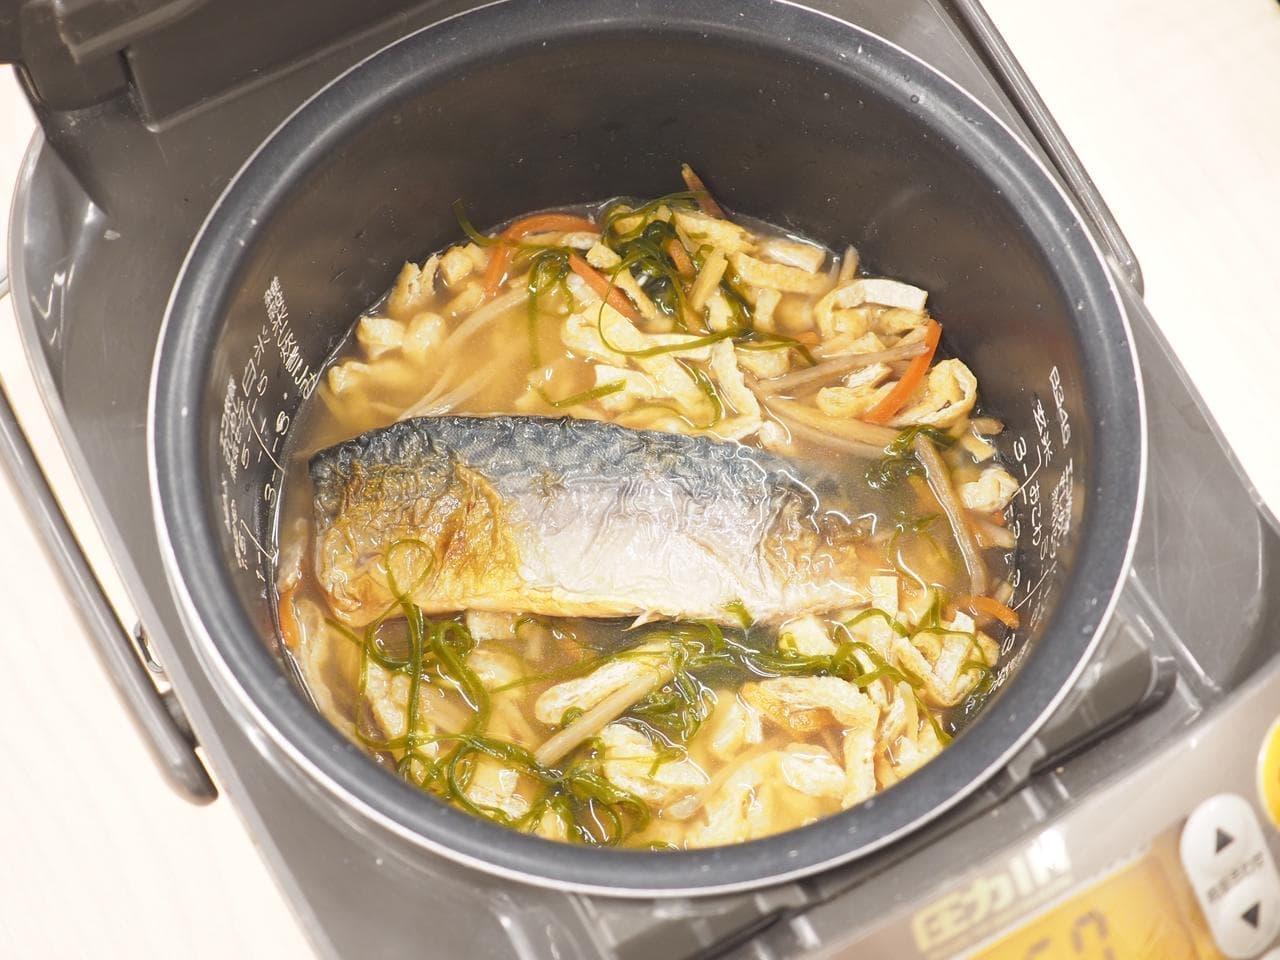 イトーヨーカドー「シェフズレシピ」の「炊き込みご飯の素(炙りさば)」